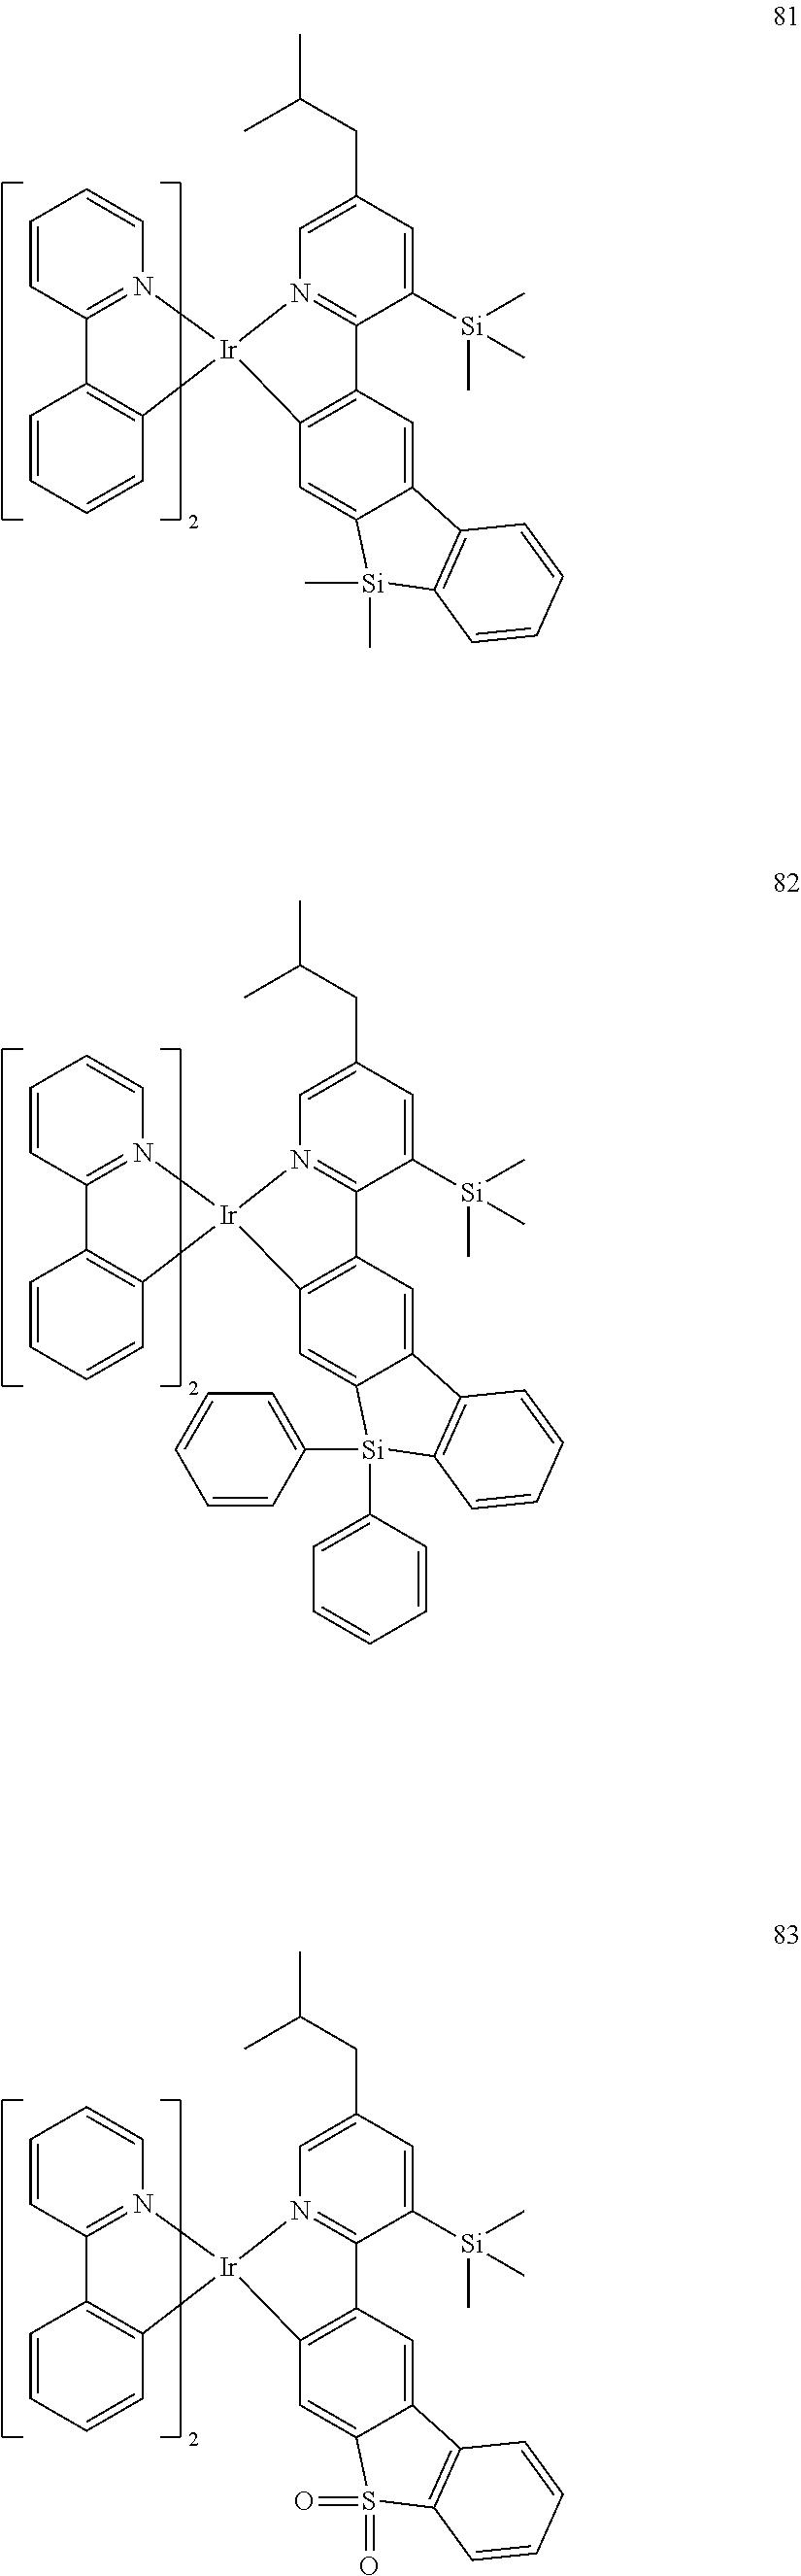 Figure US20160155962A1-20160602-C00353